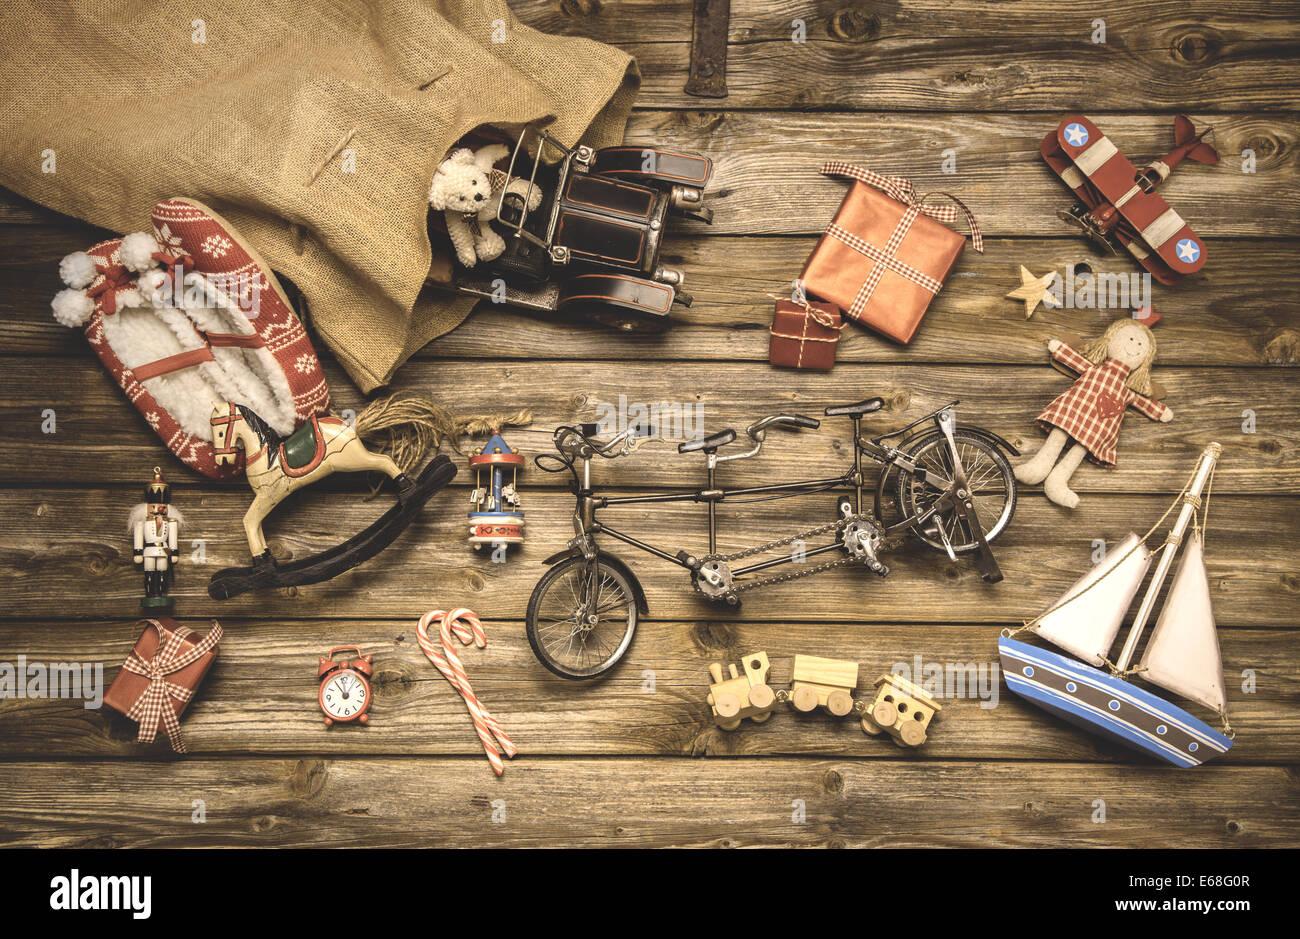 Vintage Weihnachtsdekoration: alte nostalgische Kinderspielzeug auf hölzernen rustikalen Hintergrund. Stockbild